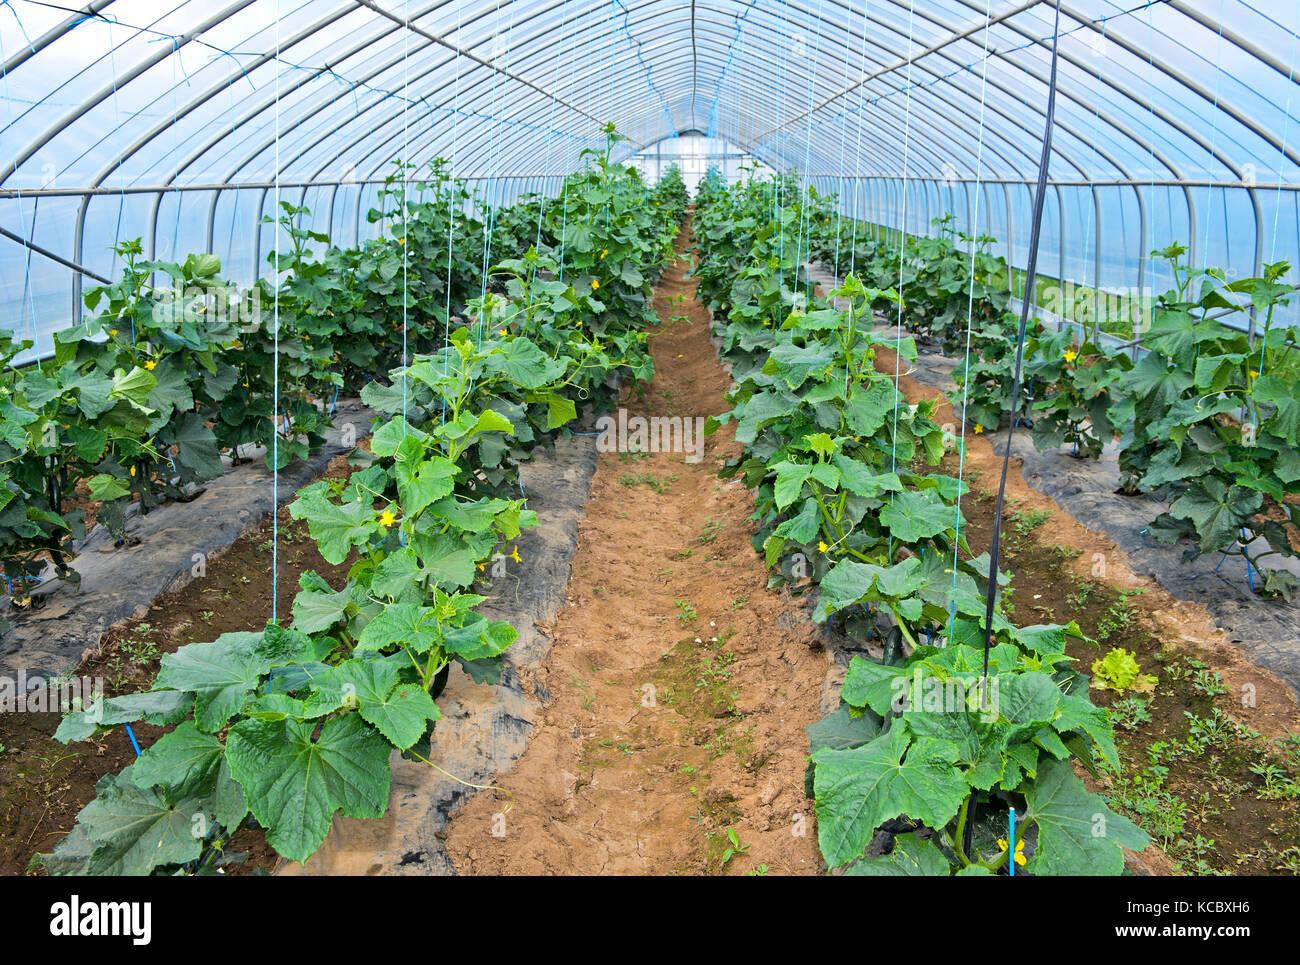 La coltivazione di cetriolo in lamina tunnel, azienda agricola quotidiana llc, songino khairkhan, Mongolia Immagini Stock